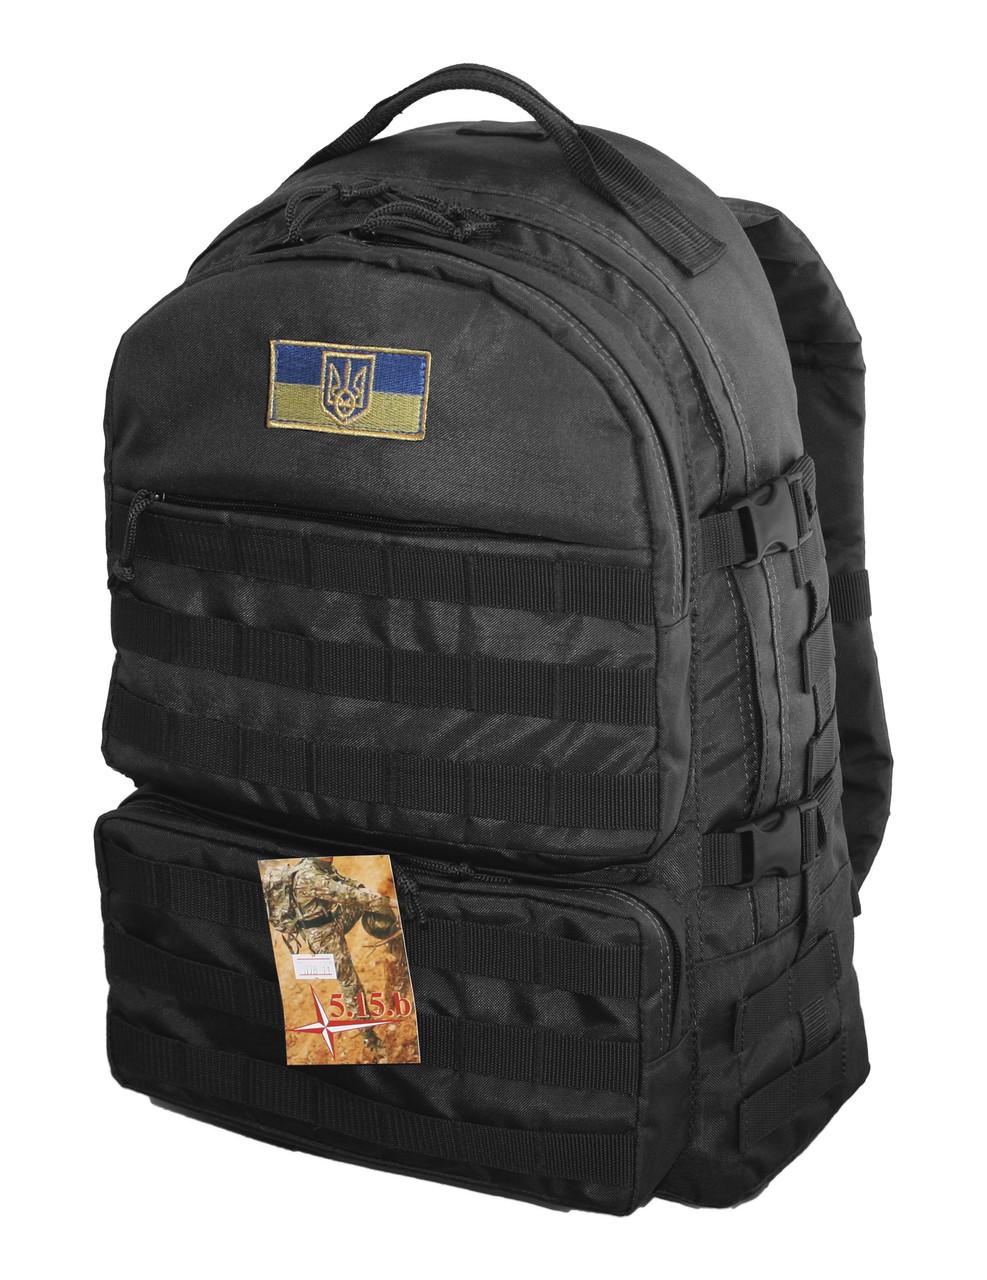 Тактический походный супер-крепкий рюкзак на 40 литров Черный с ортопедической спиной